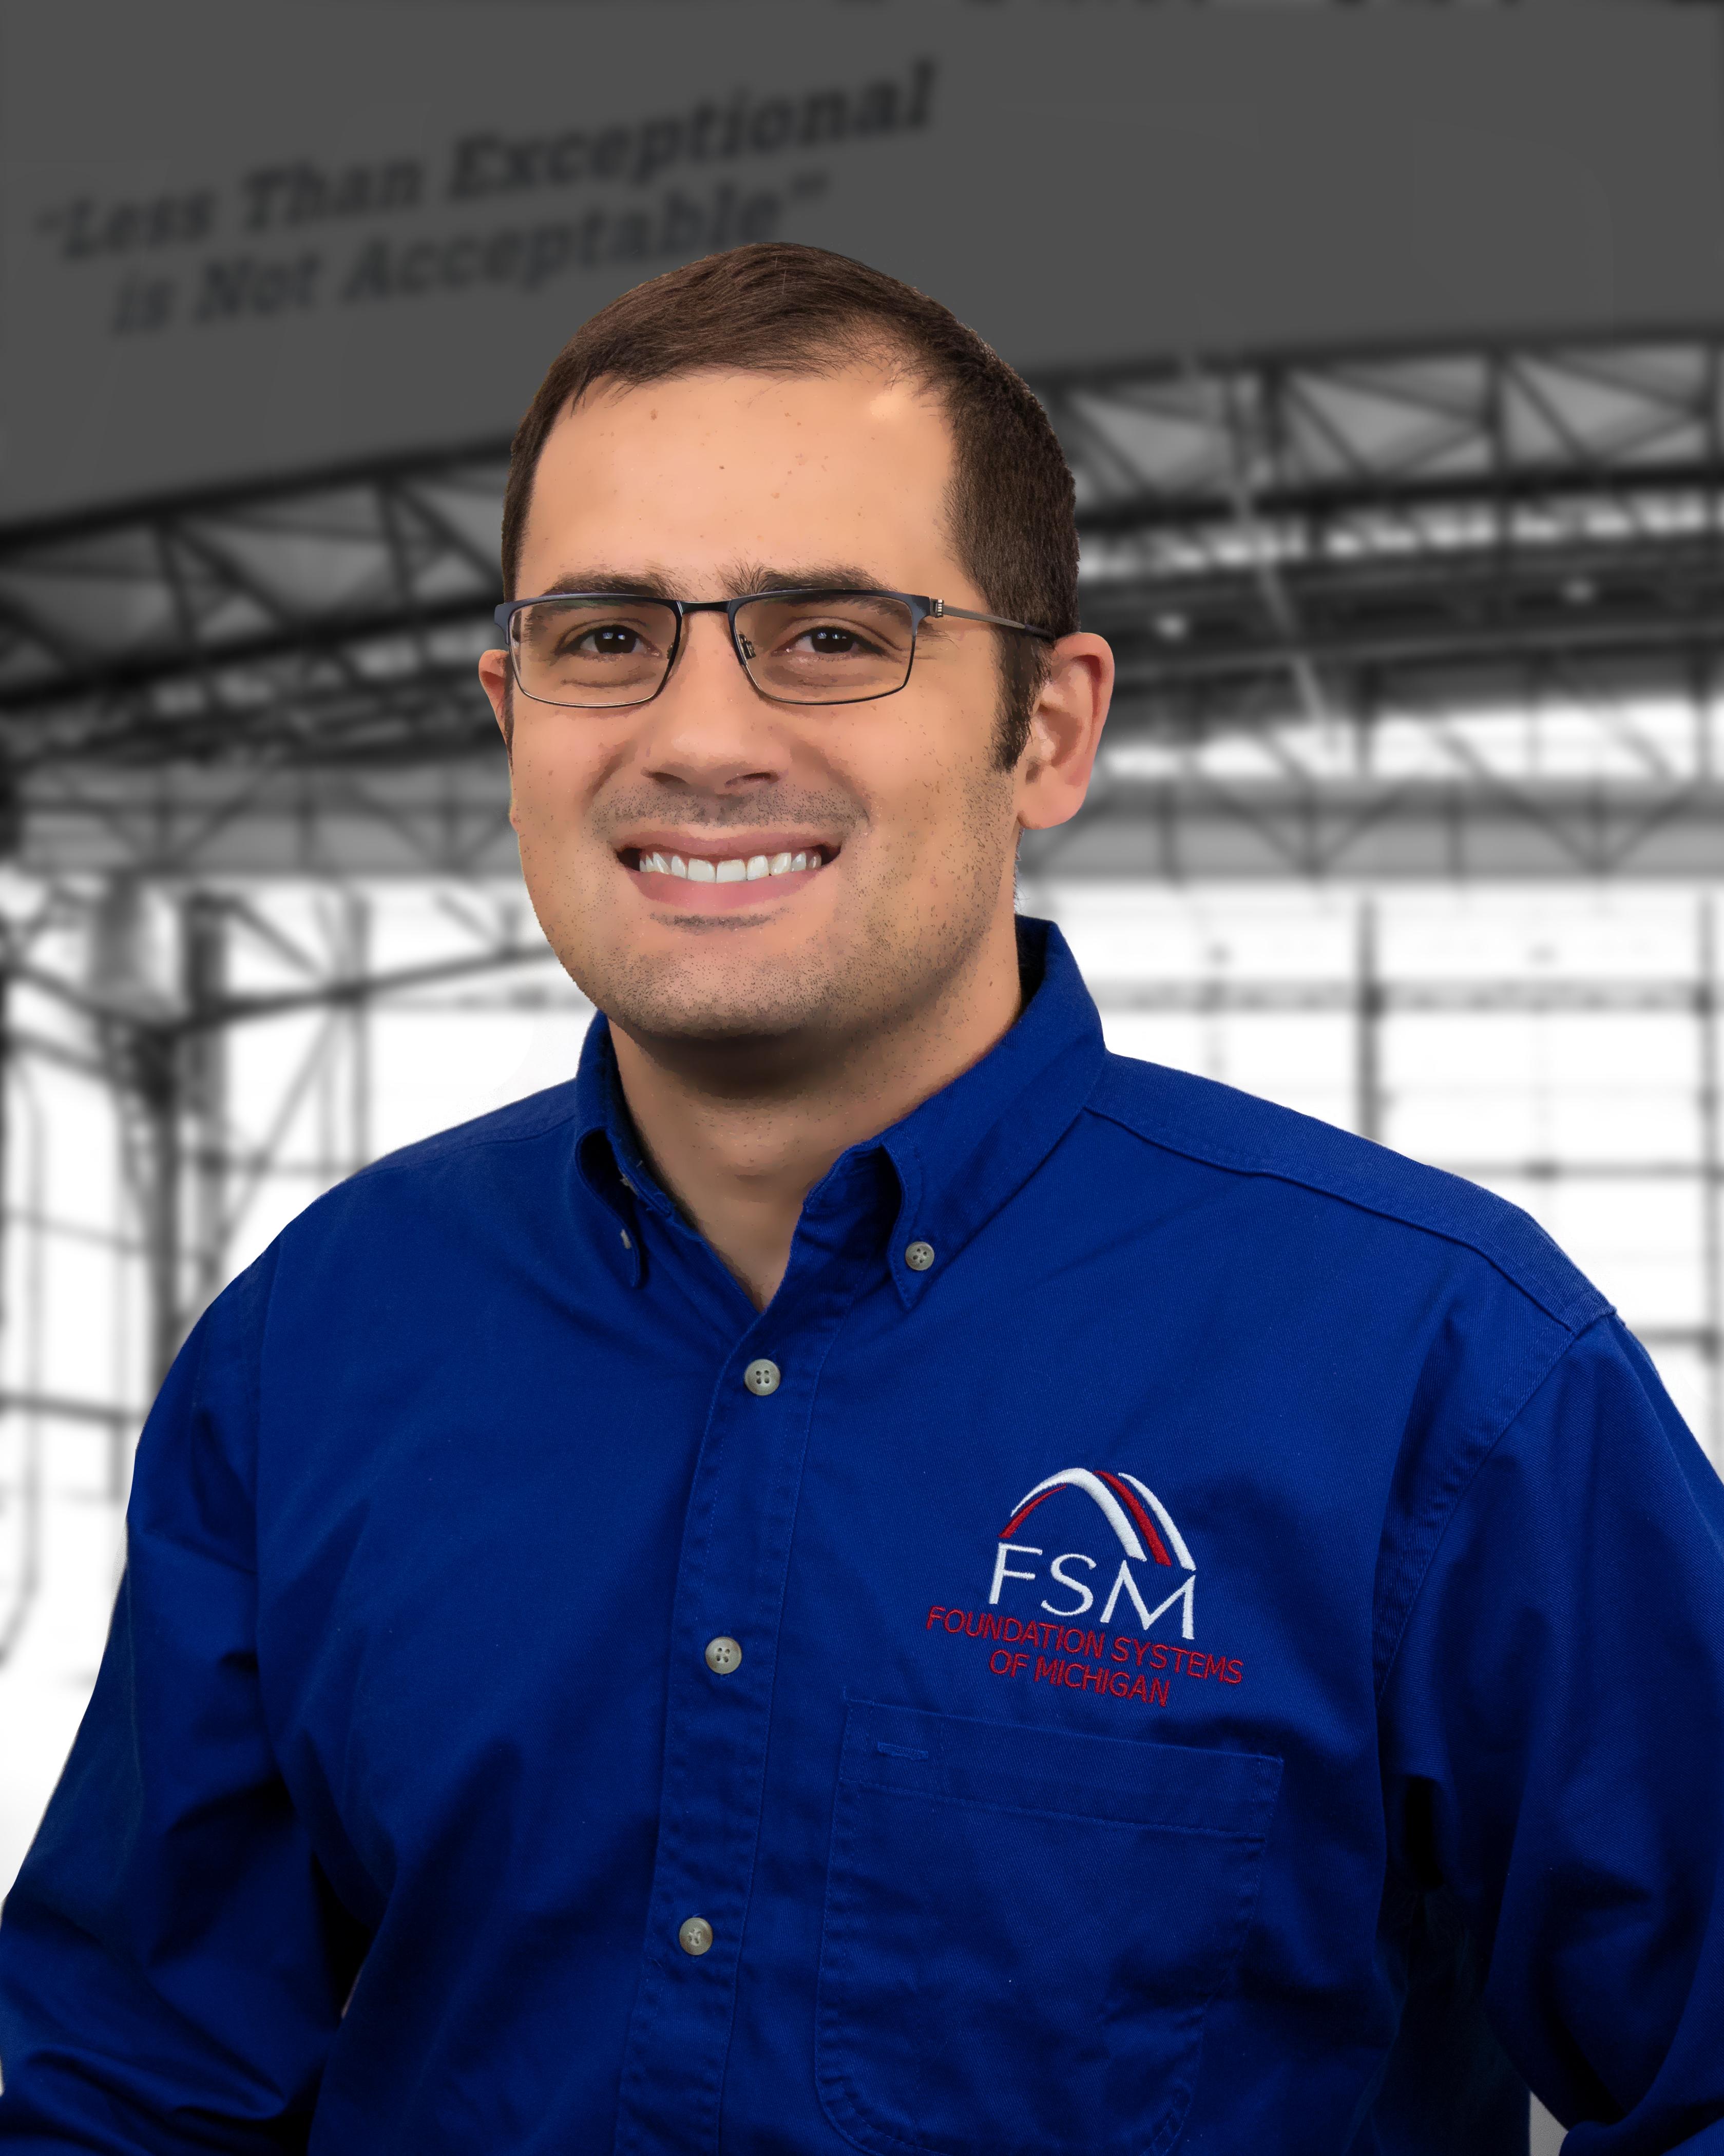 FSM Michael Dagher, P.E. GeoStructural Engineer